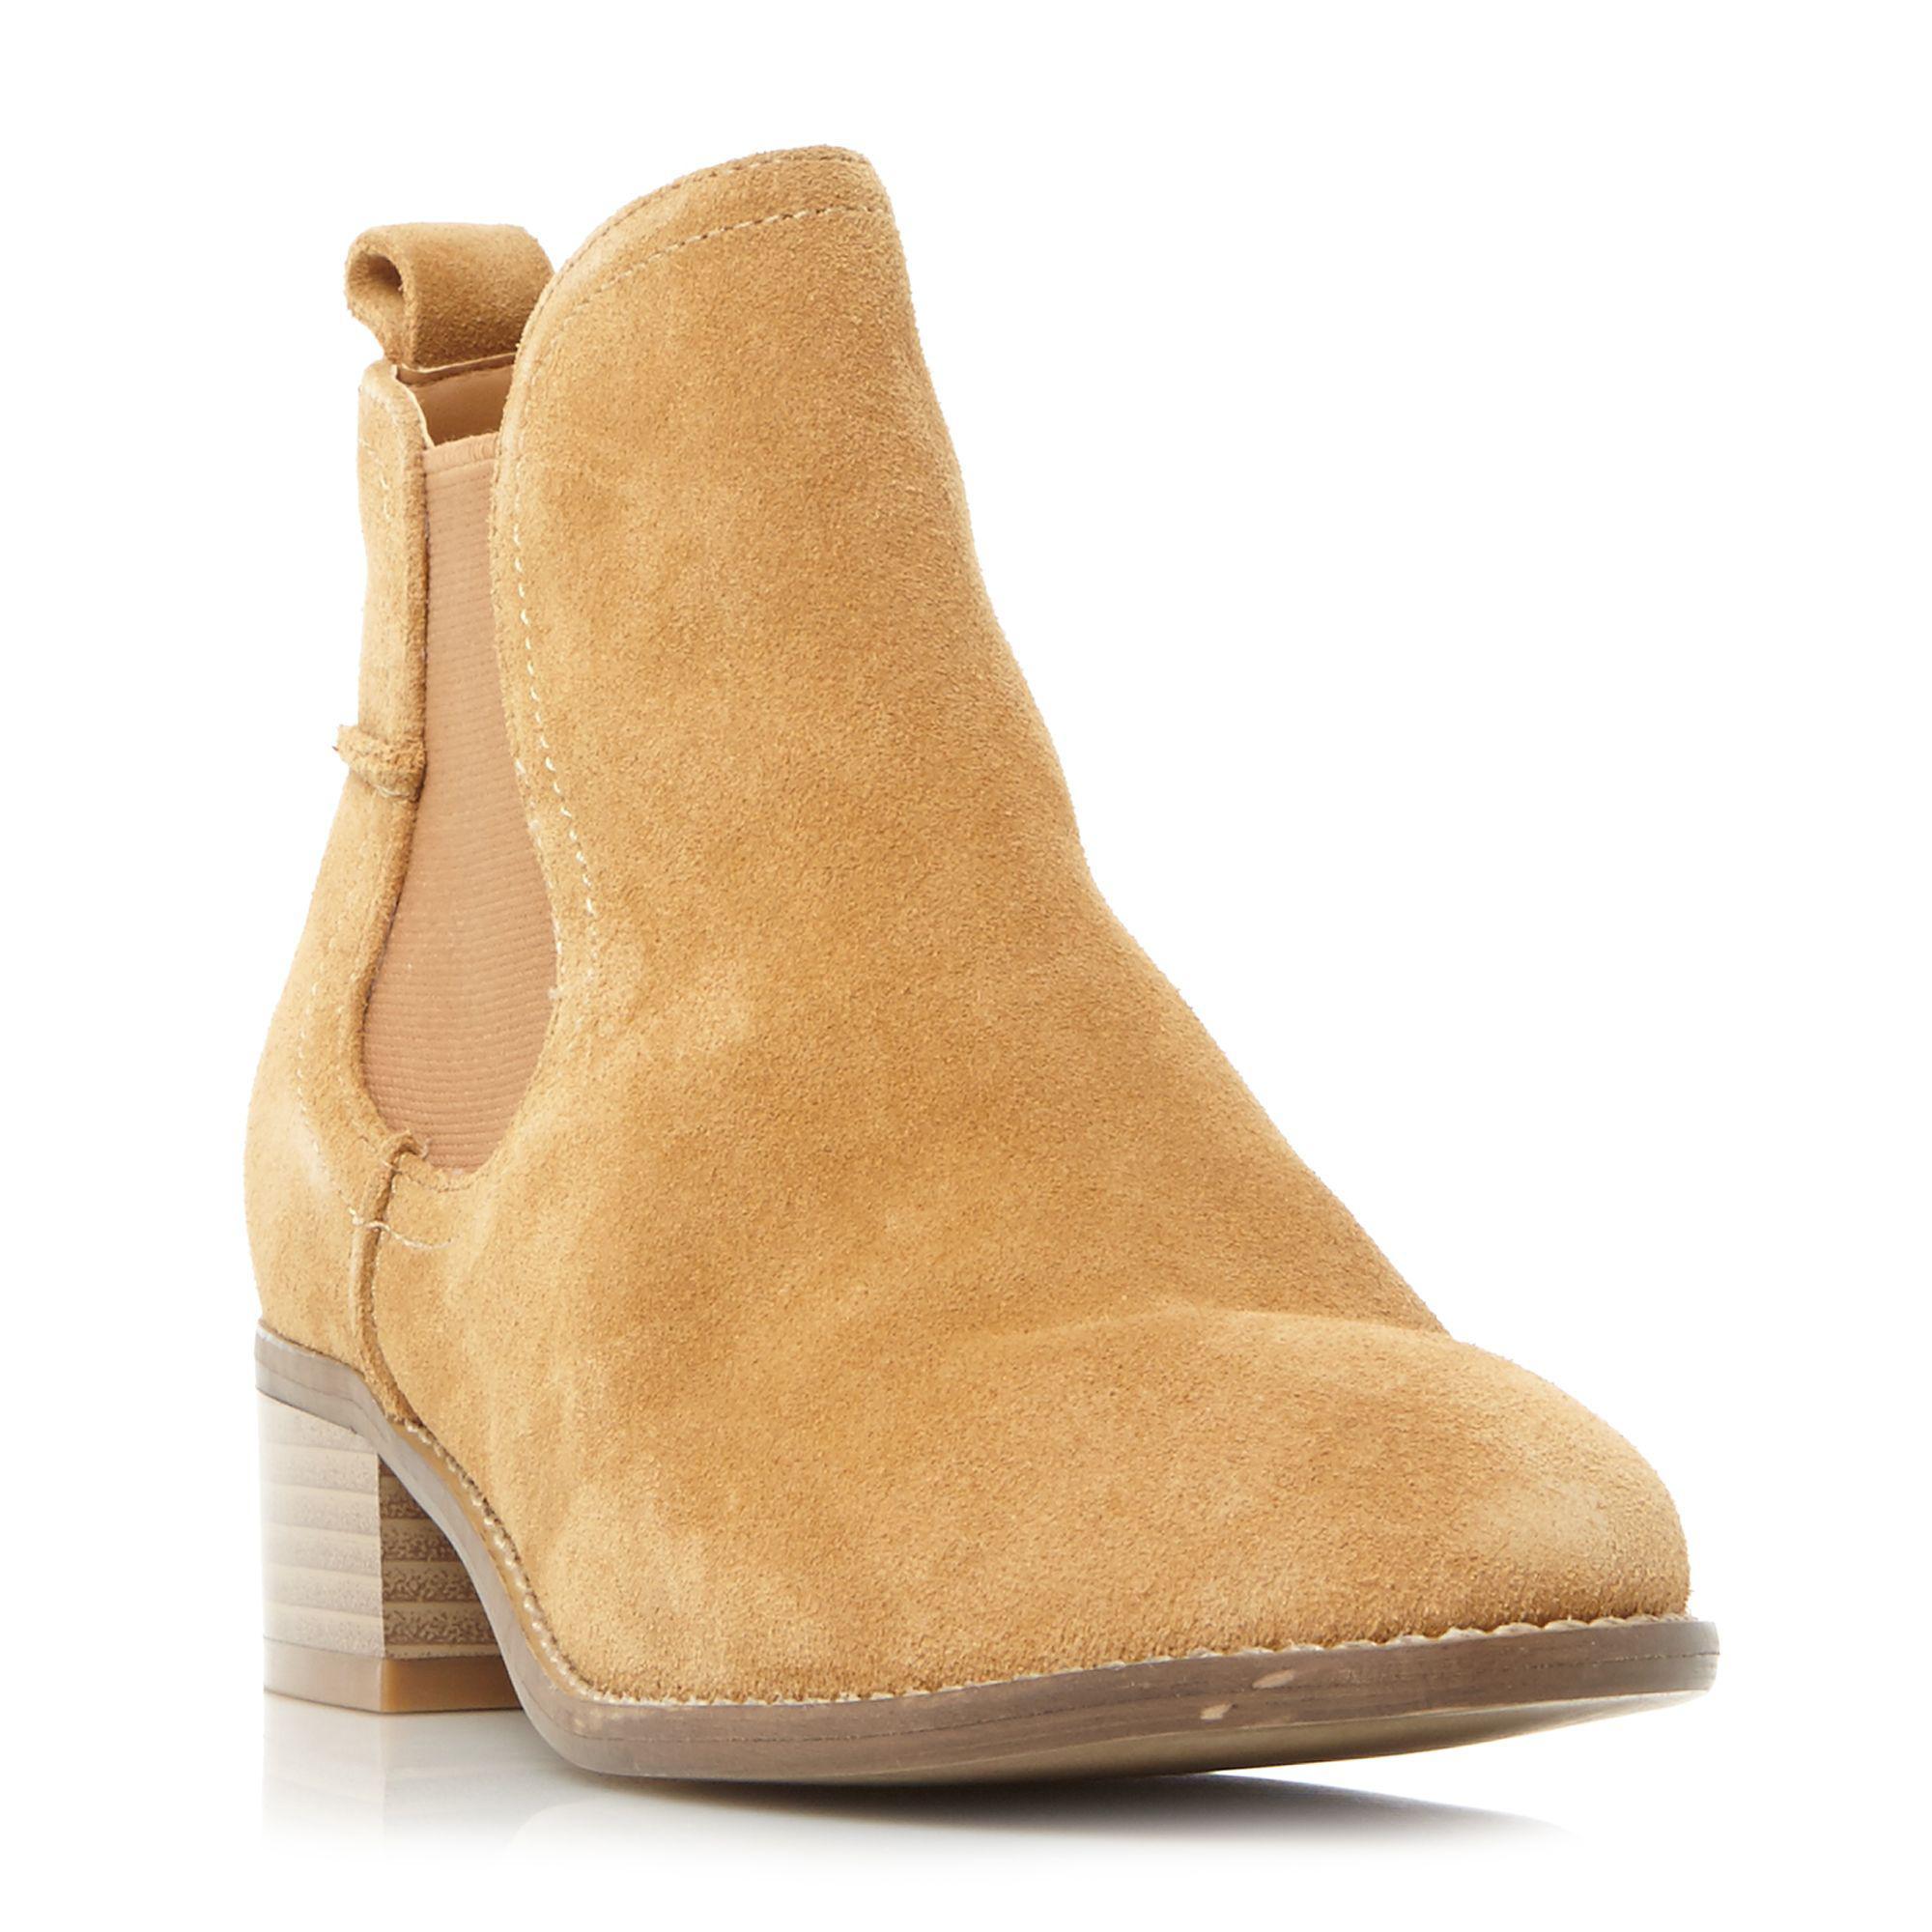 Steve Madden Suede 'dicey' Block Heel Chelsea Boots